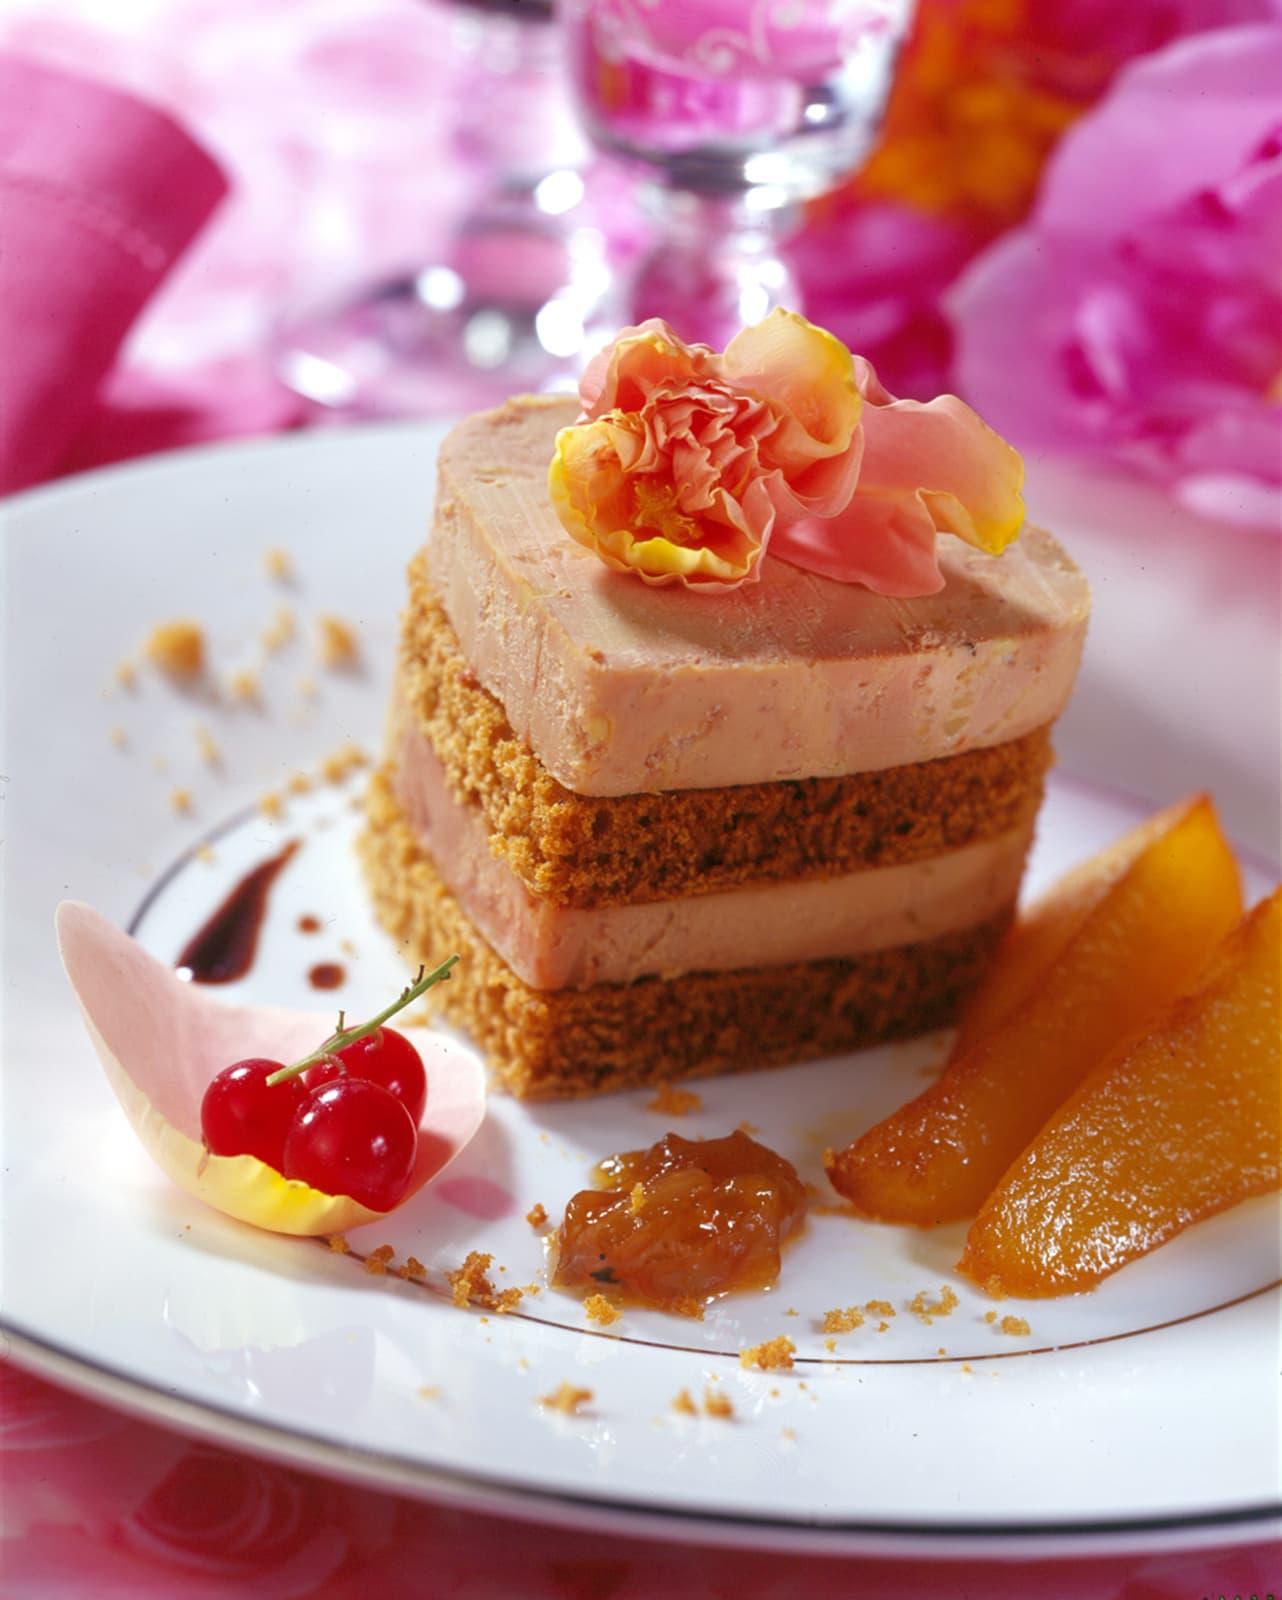 Millefeuille de Foie Gras en pain d'épices - Ph.ASSET / CIFOG / ADOCOM-RP